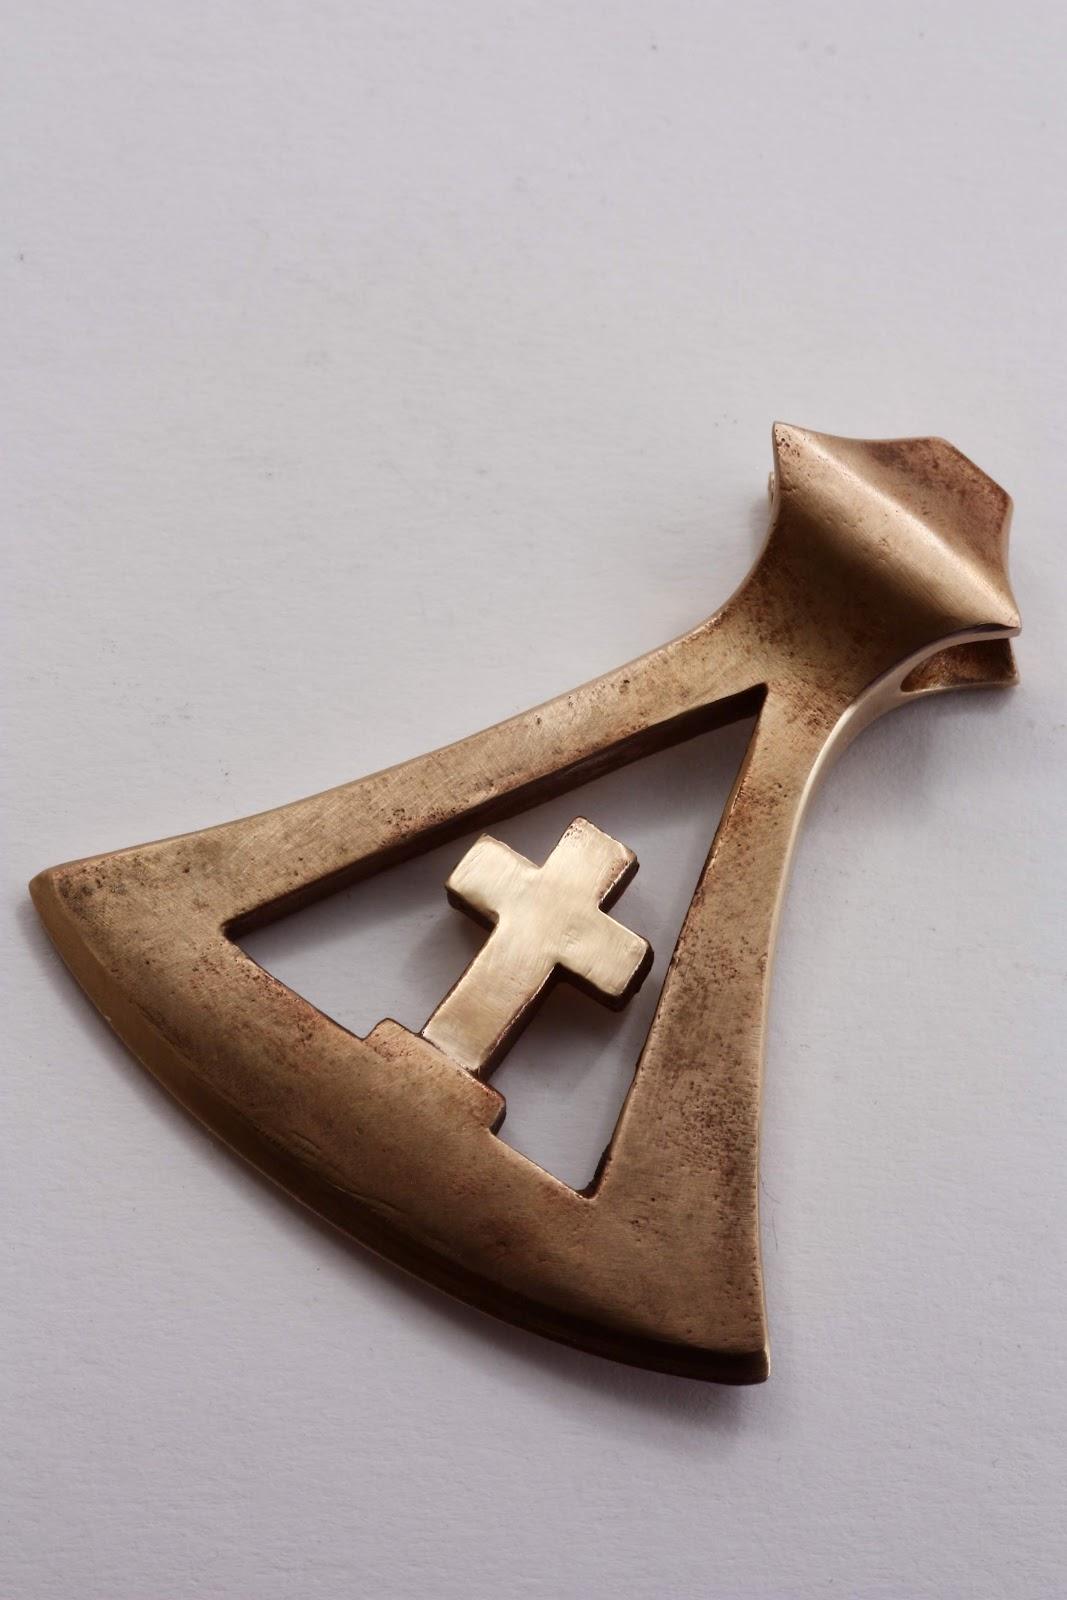 Die Kreuz Axt aus der Axt-Collection